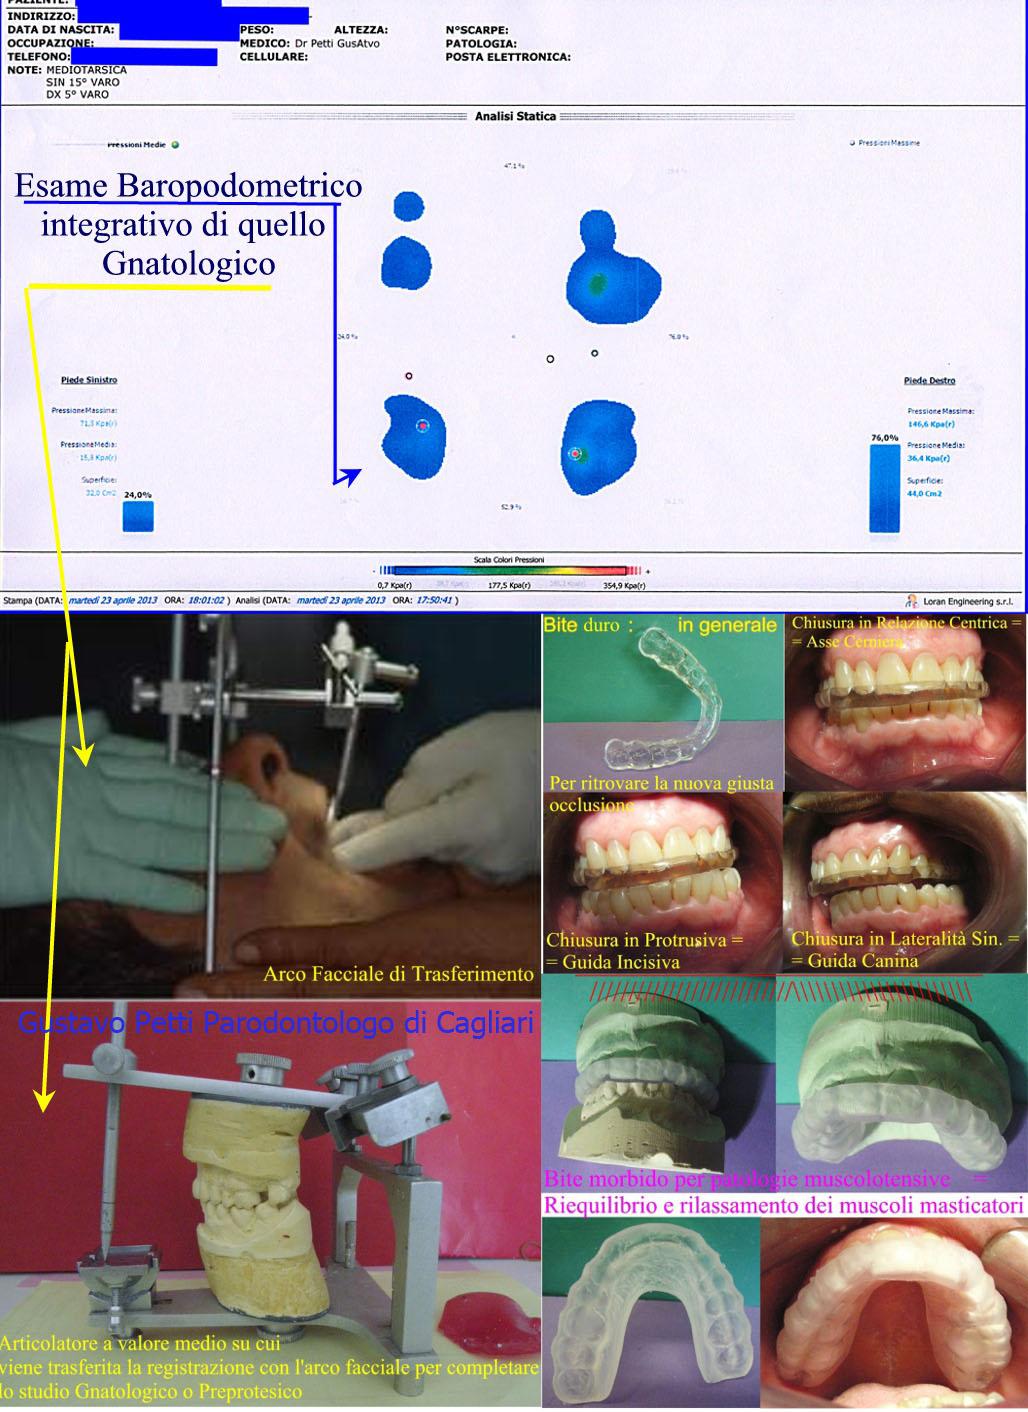 gnatologia-dr-g.petti-cagliari-300.jpg